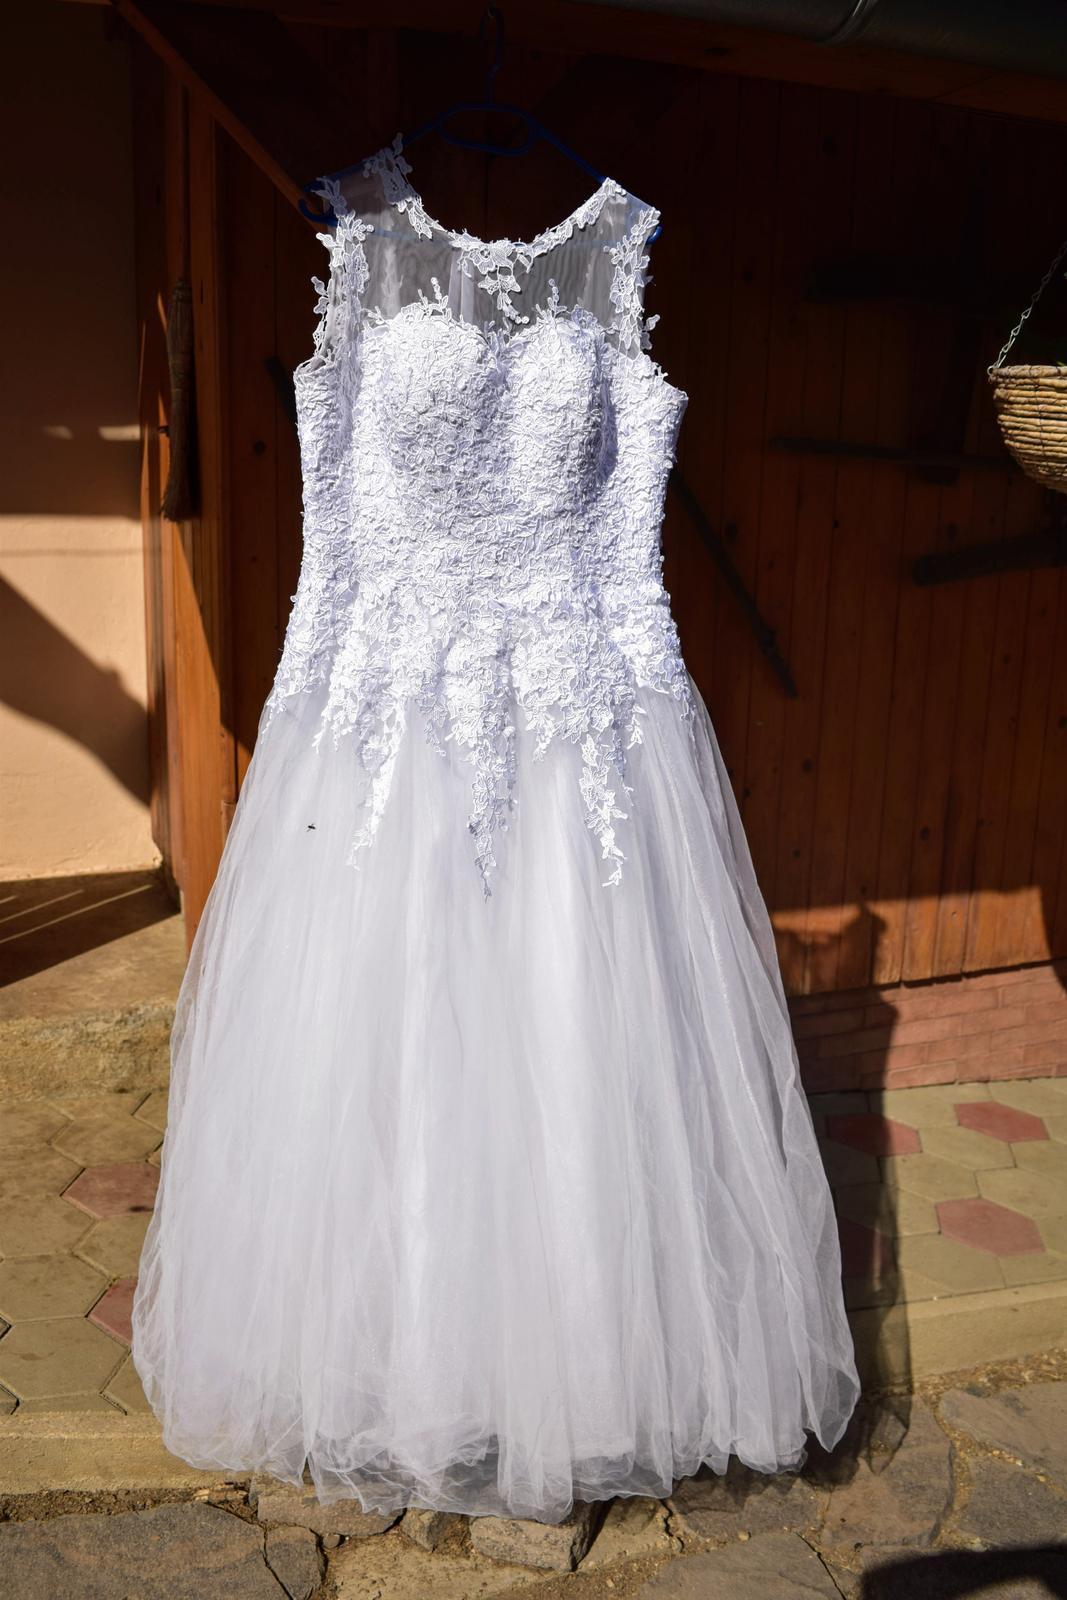 svadobné šaty 42-46 - Obrázok č. 1